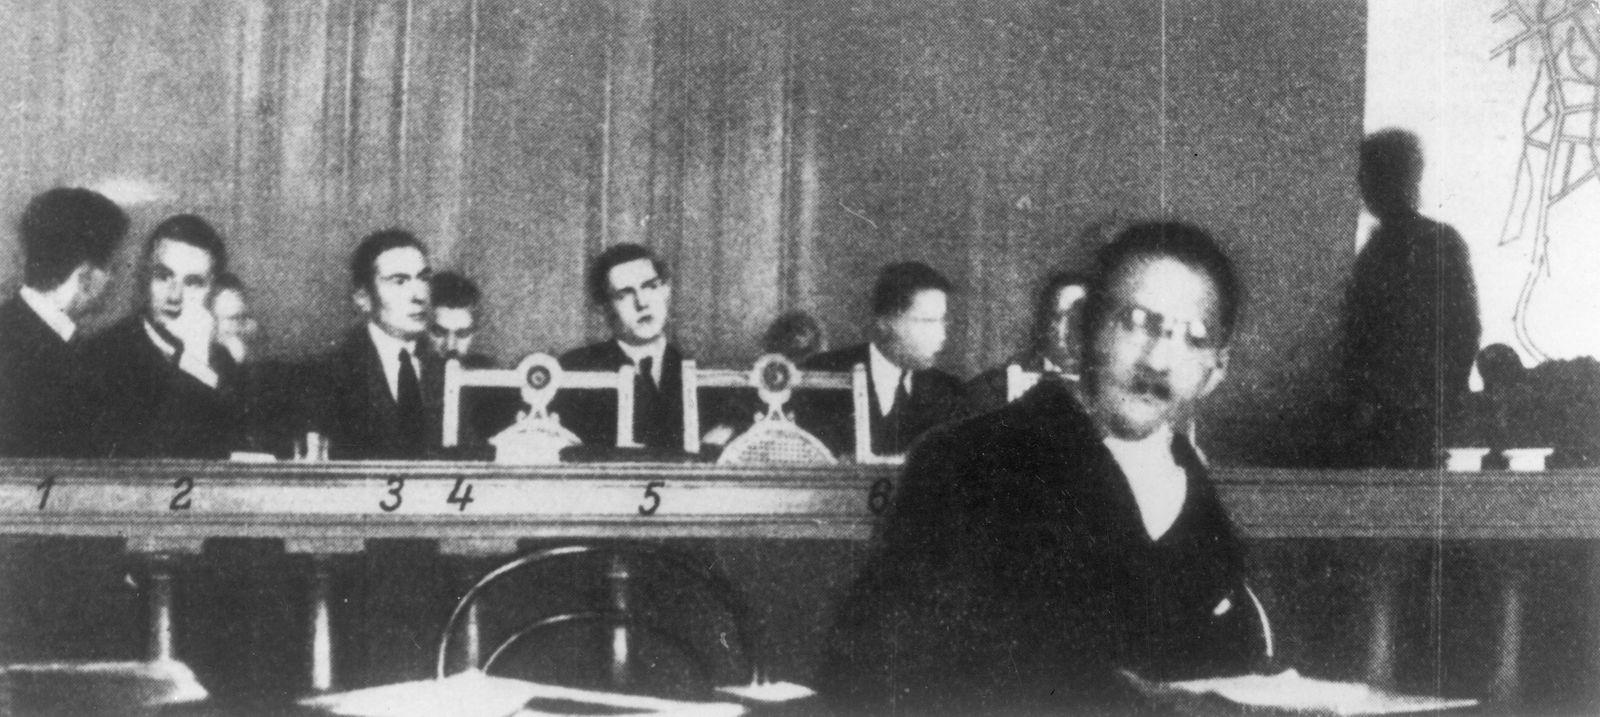 Die Angeklagten im Rathenau-Proze?